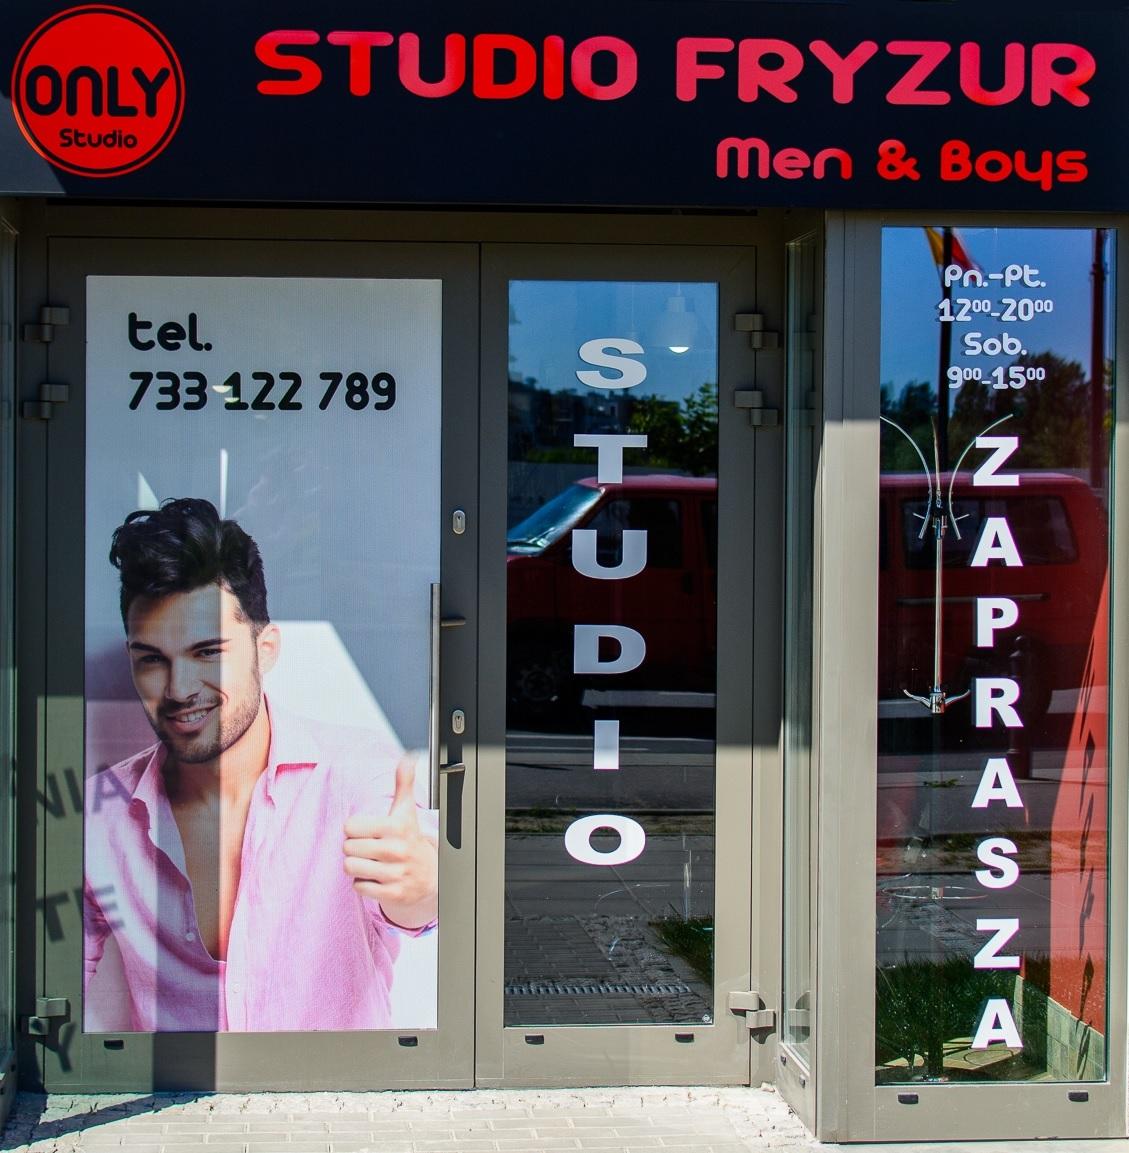 Fryzjer męski dziecięcy Only-Studio - adres, telefon, www   Pielęgnacja Wilanów Warszawa Wilanów Warszawa